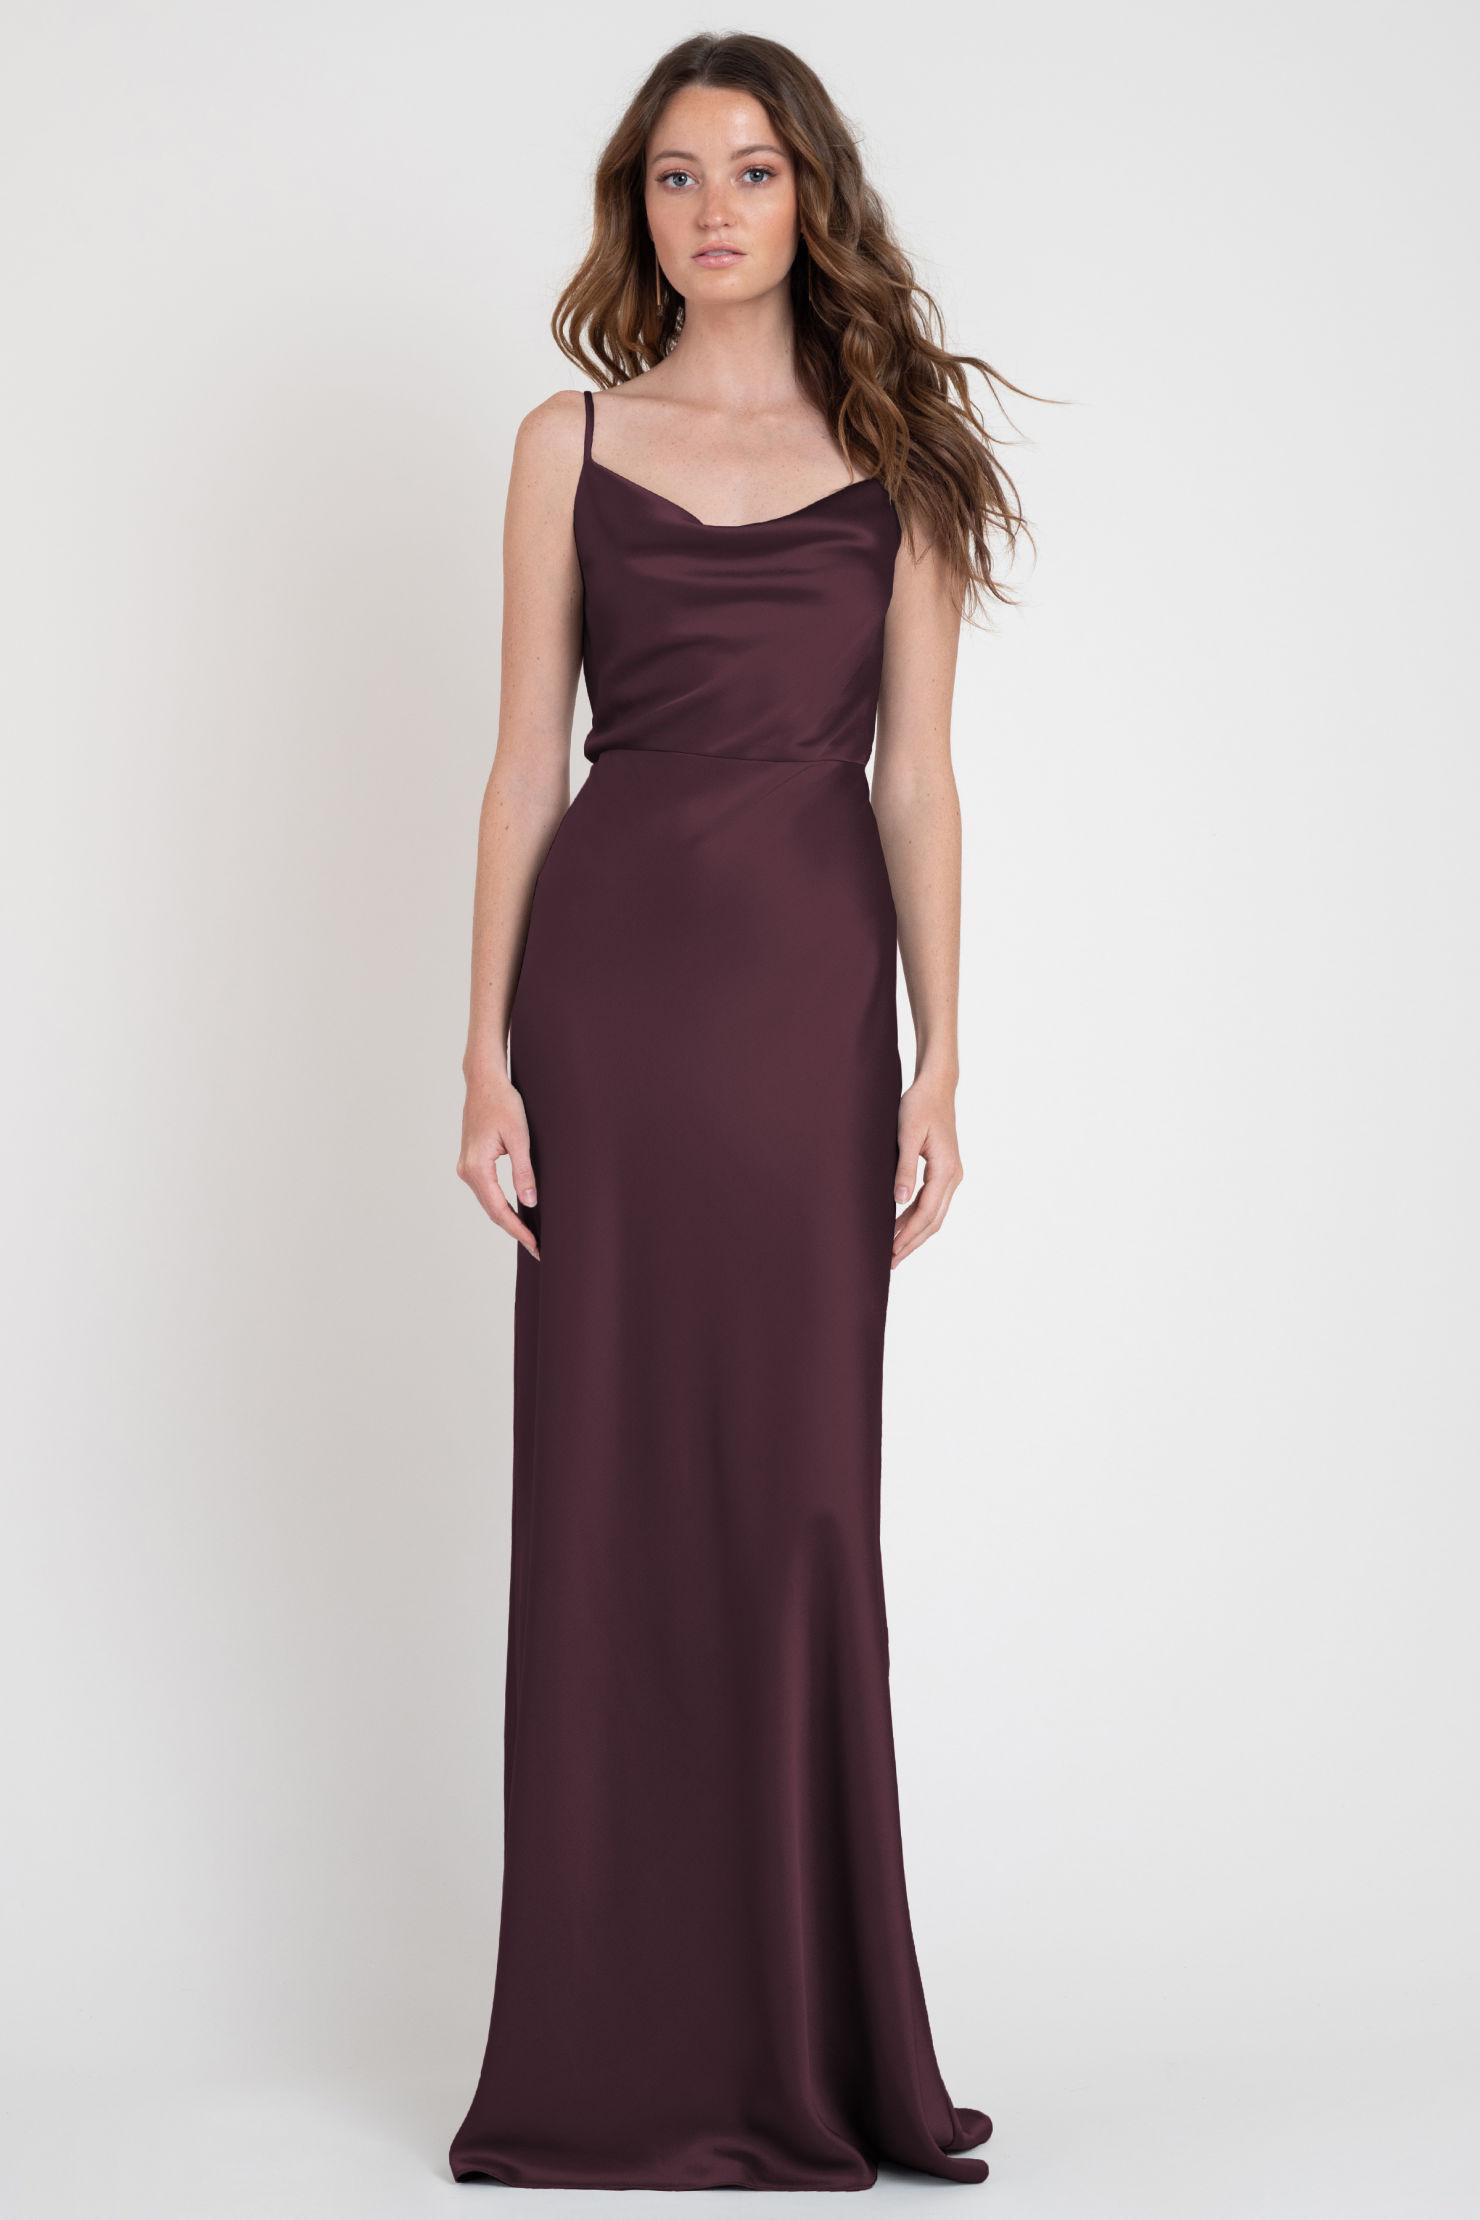 Sylvie Bridesmaids Dress by Jenny Yoo - Mahogany